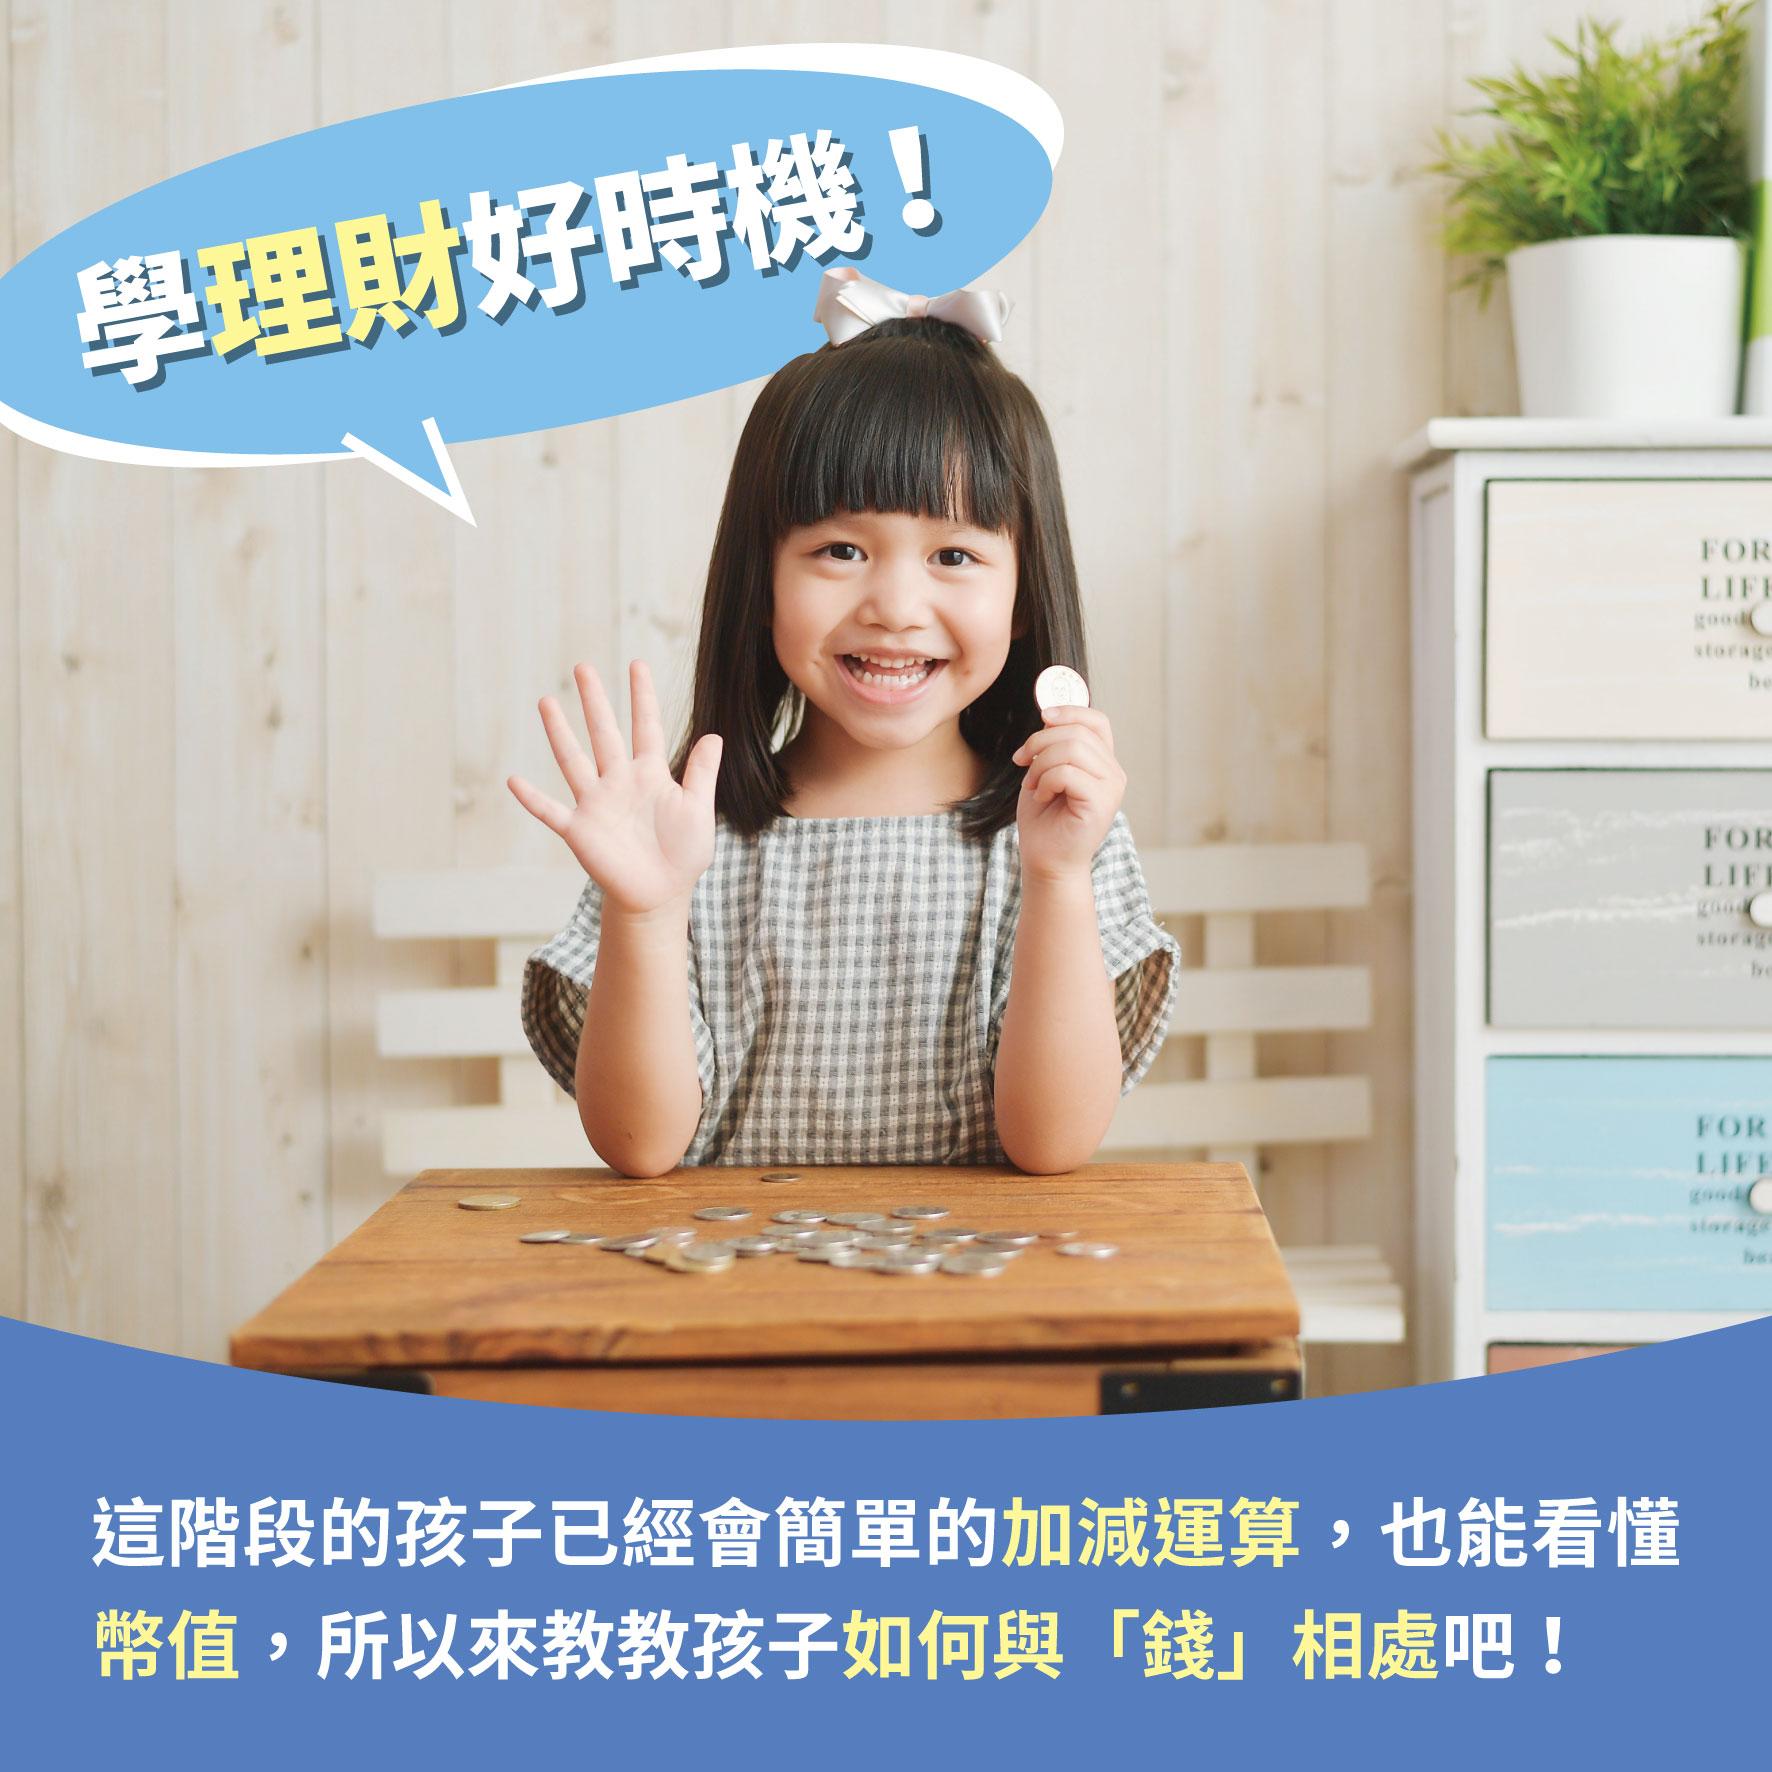 幼兒5歲(第30週)學理財好時機!